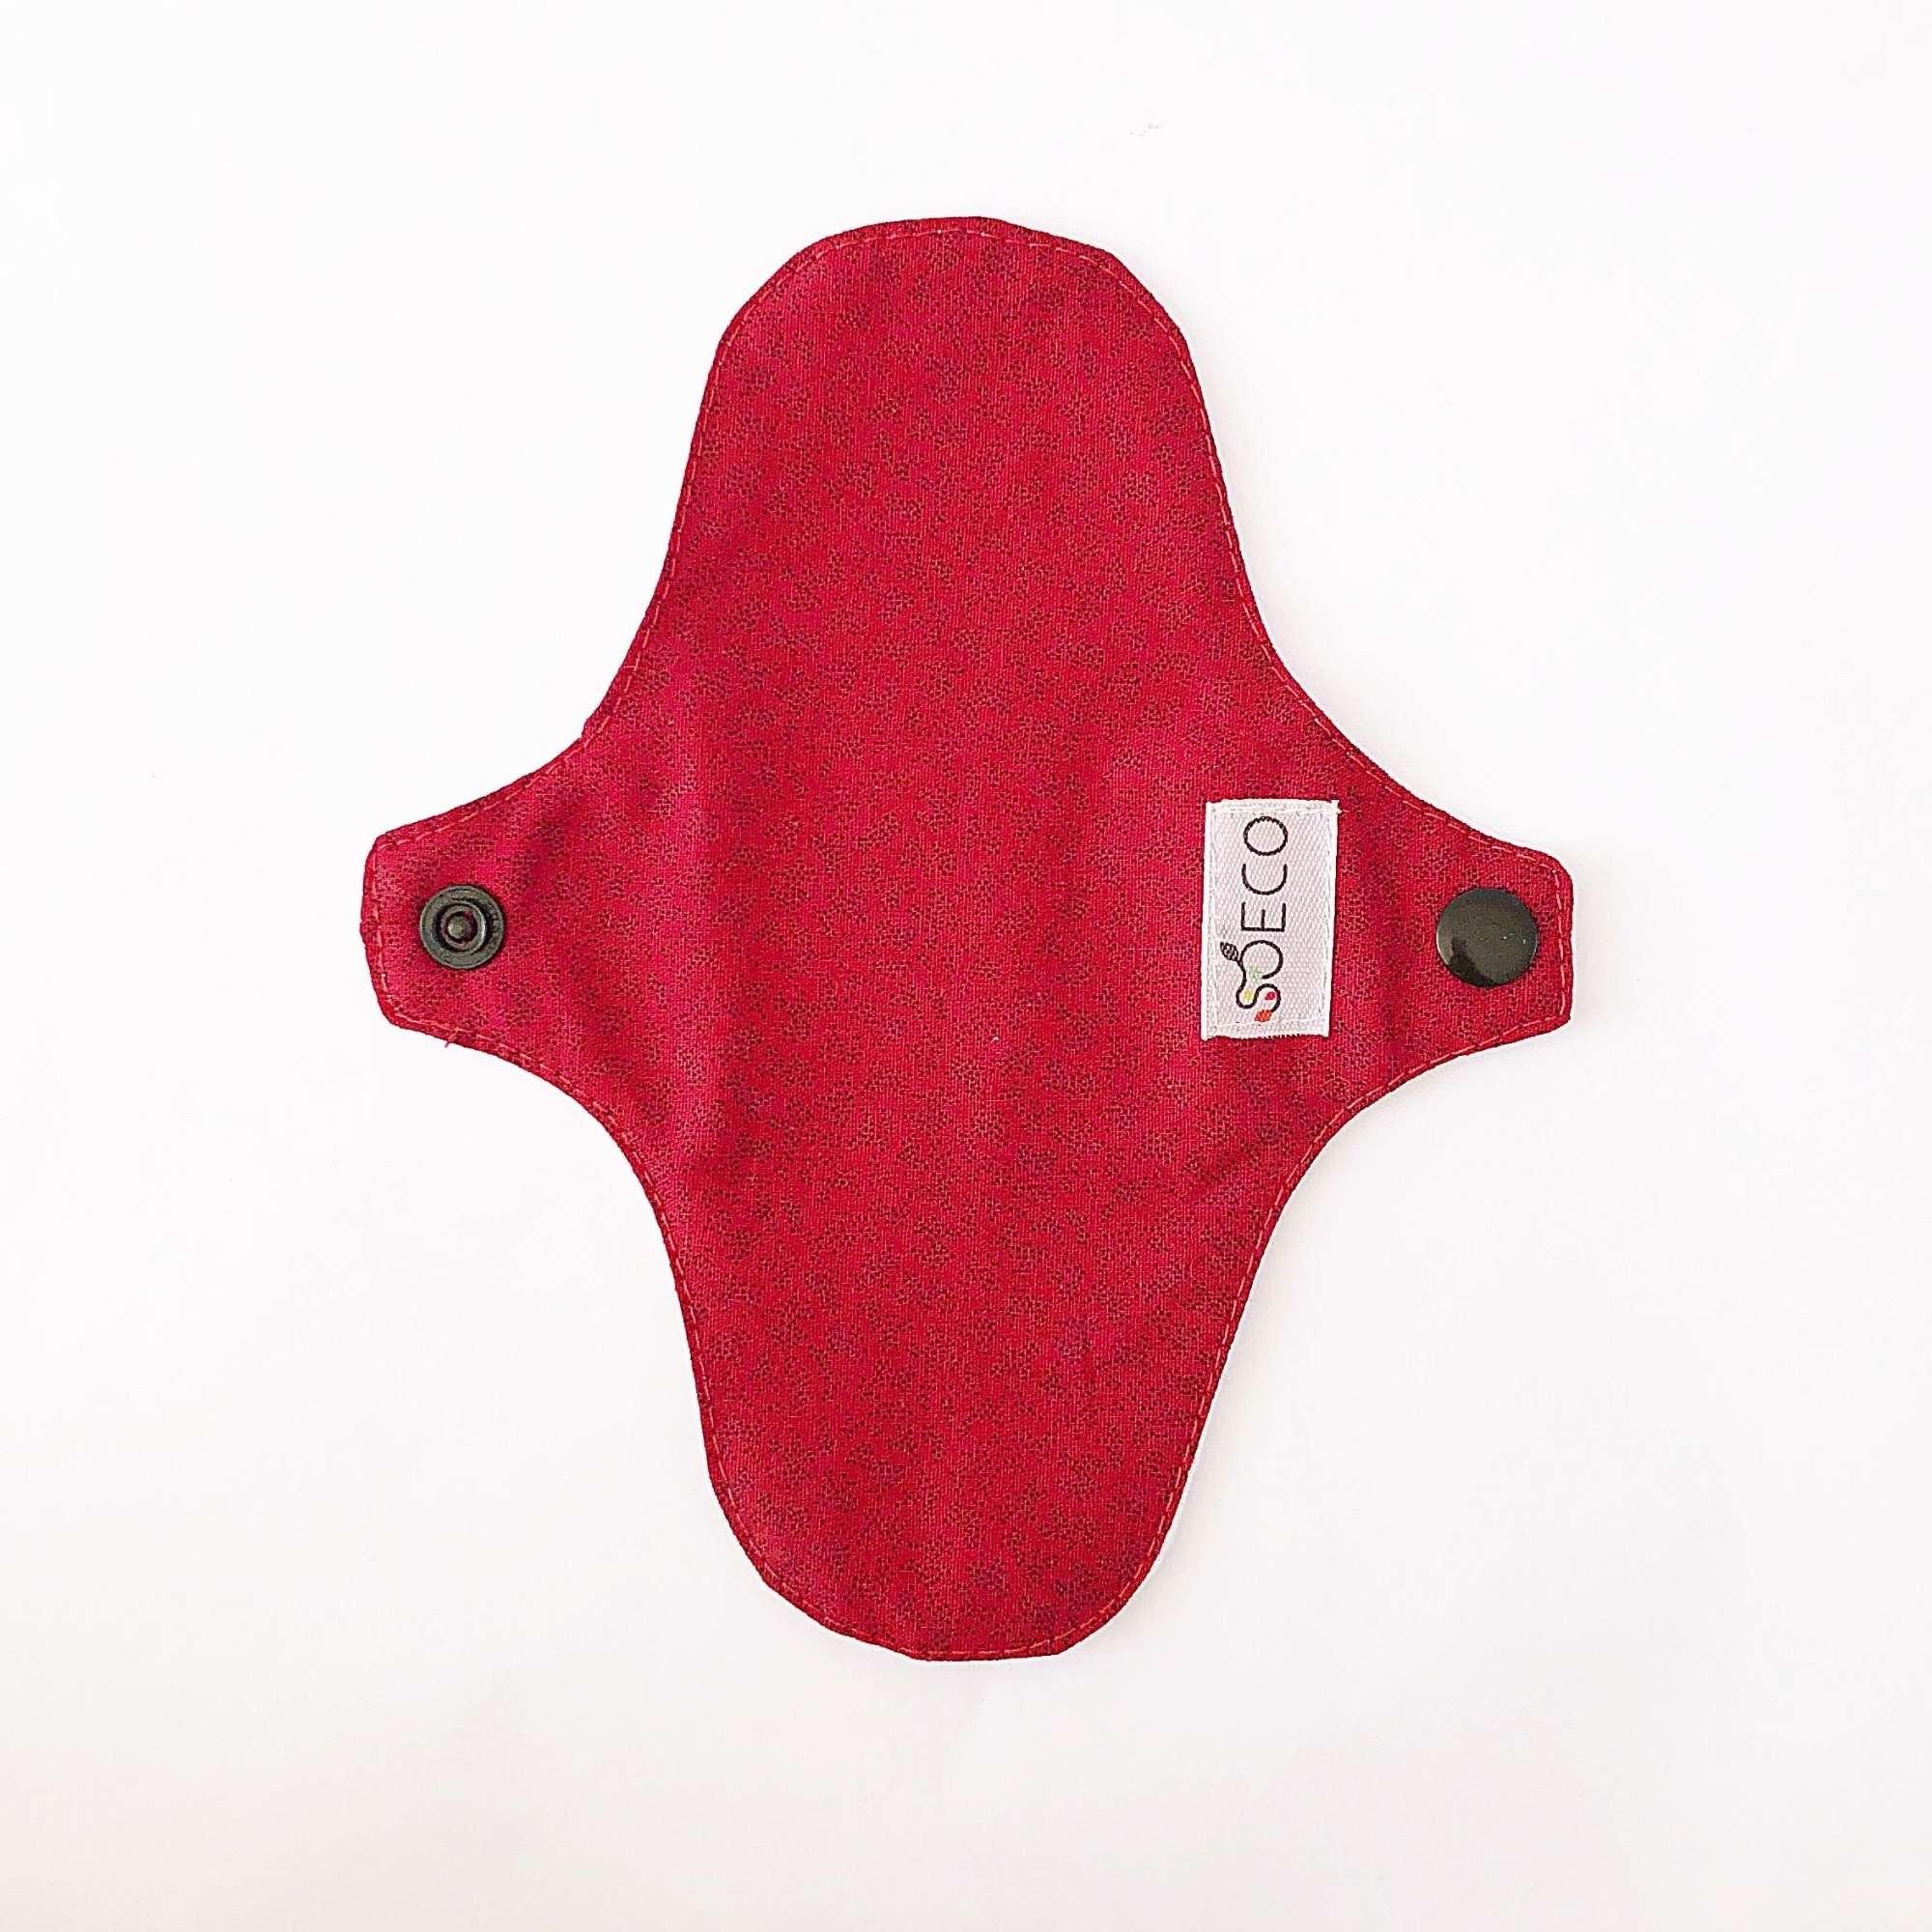 Protetor de calcinha - Flavia